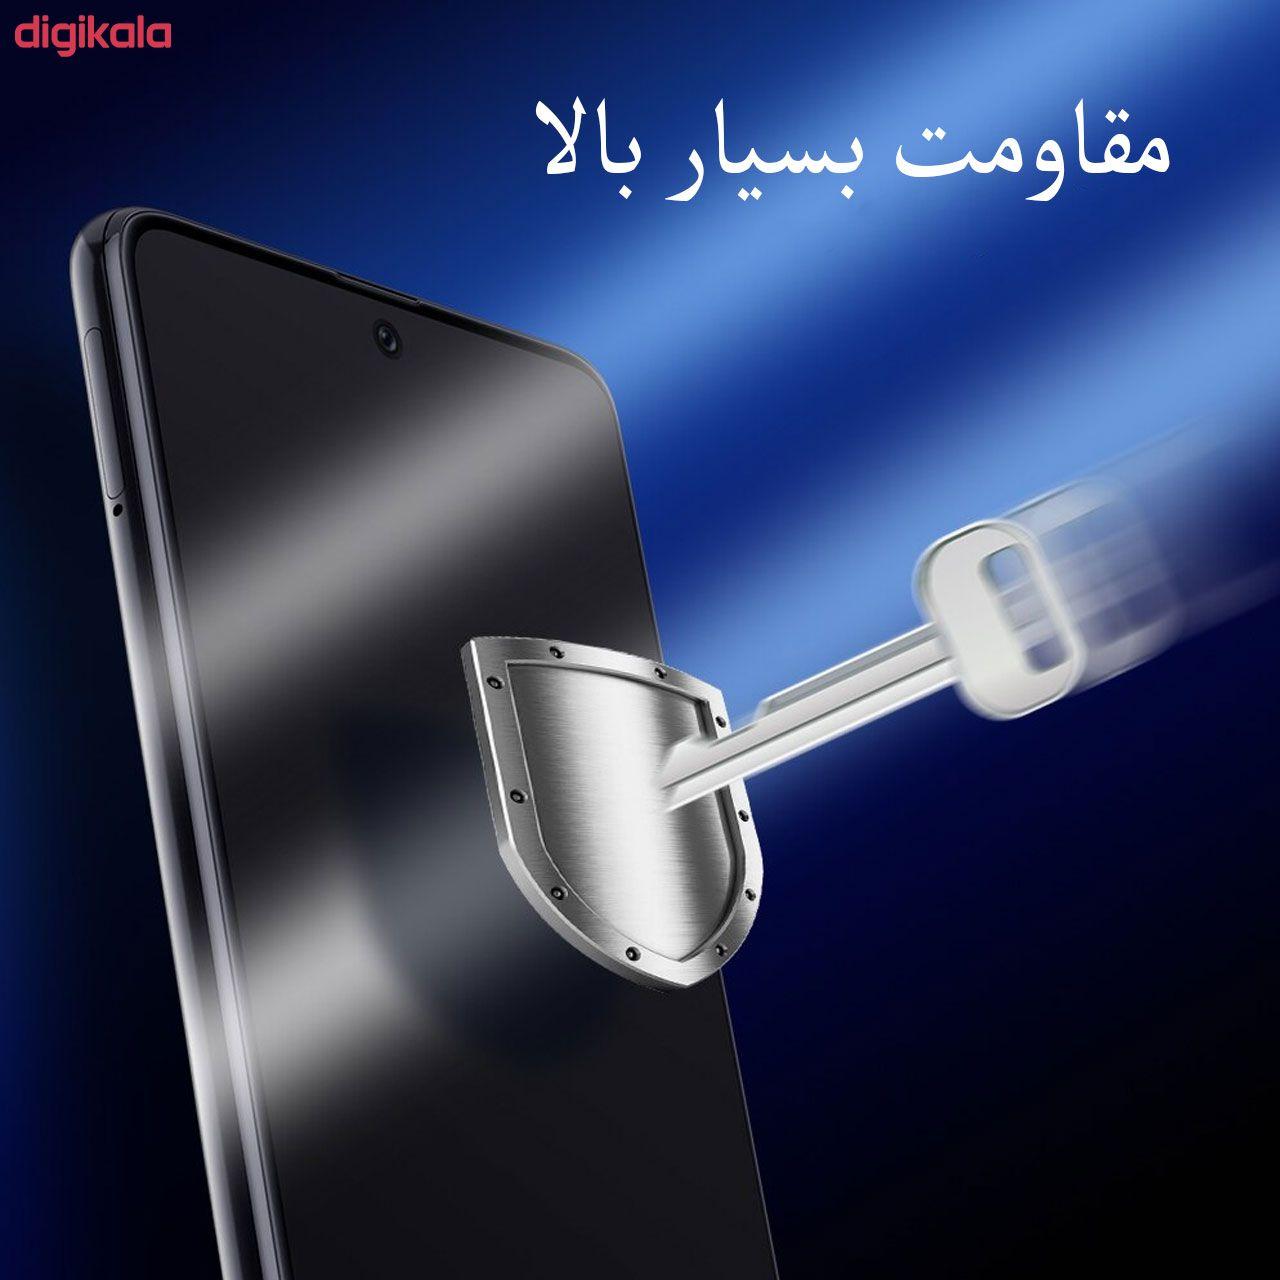 محافظ صفحه نمایش مدل FCG مناسب برای گوشی موبایل شیائومی Redmi Note 9 Pro بسته دو عددی main 1 2